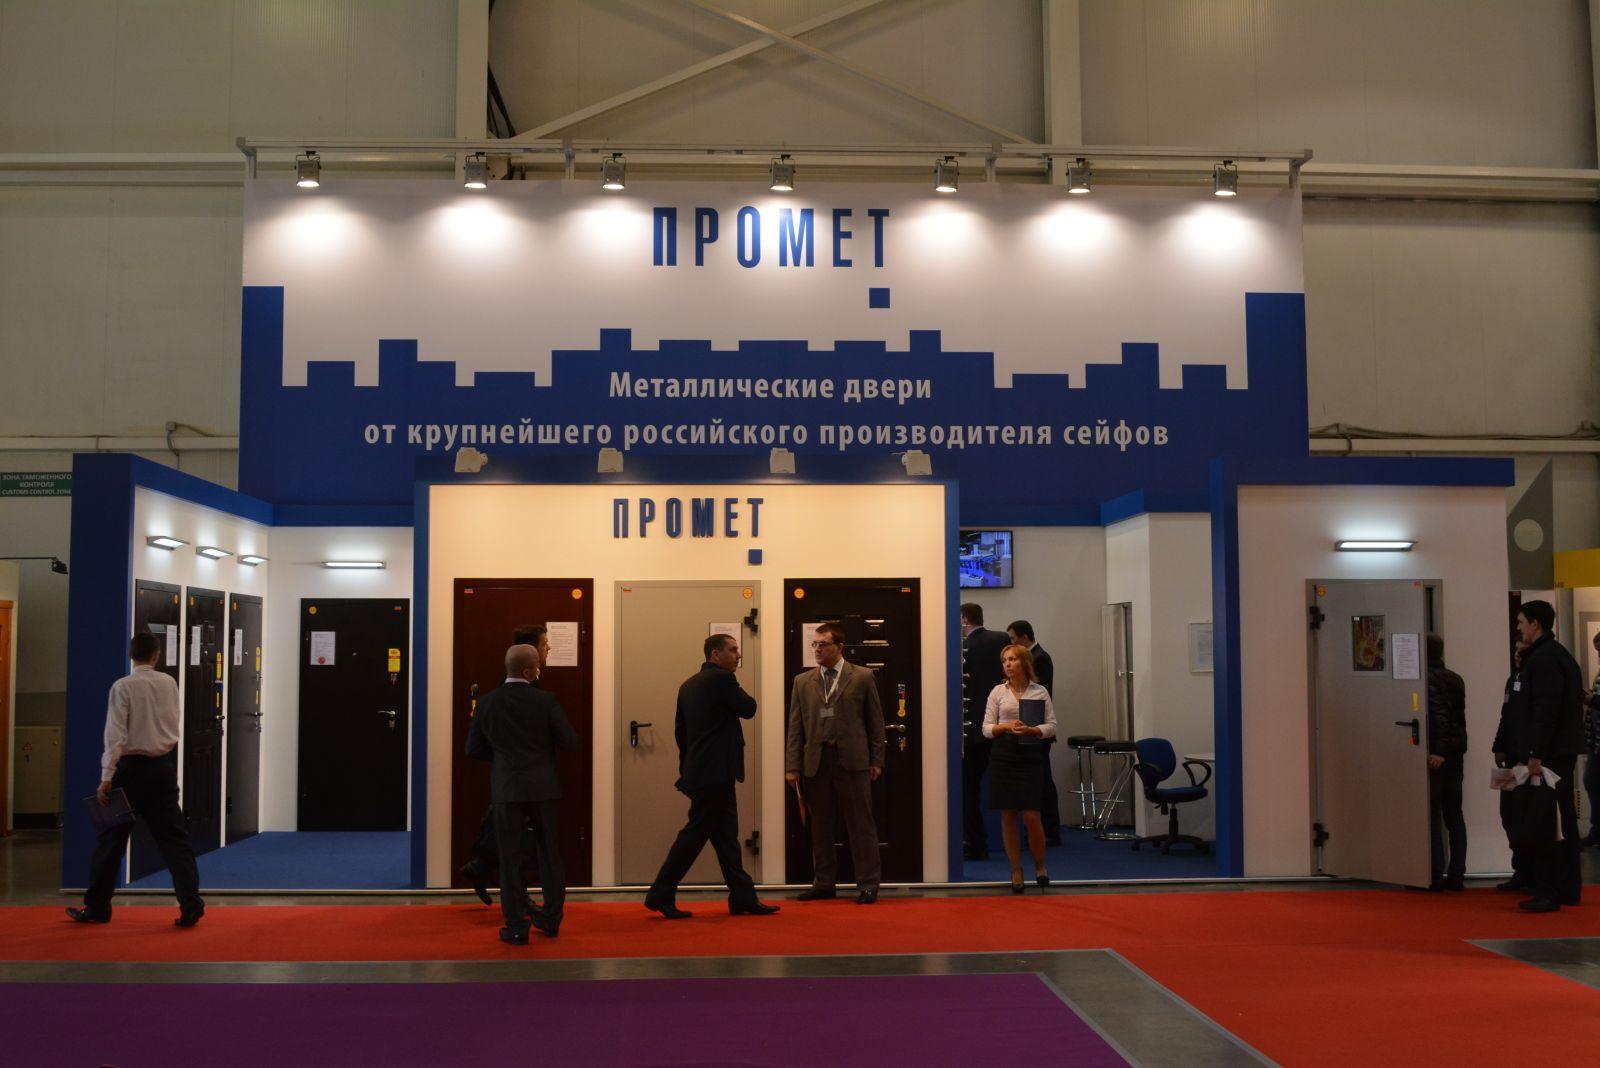 Vhodnye-metallicheskie-dveri-ot-krupnejshego-proizvoditelya-sejfov---PROMET.JPG